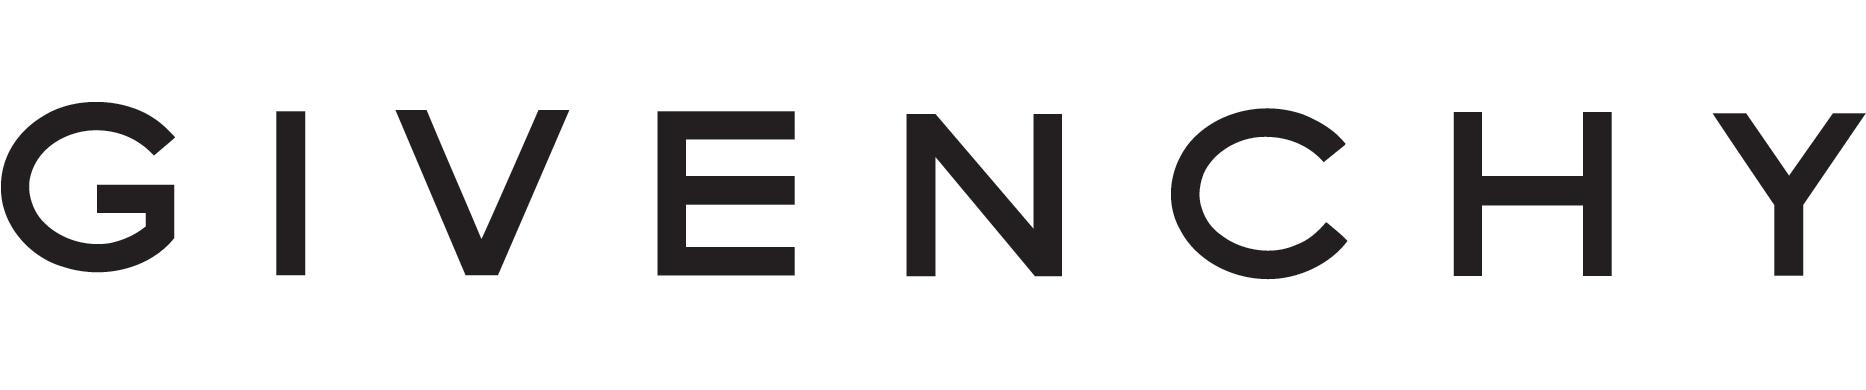 Givenchy-logo-1952-1.png